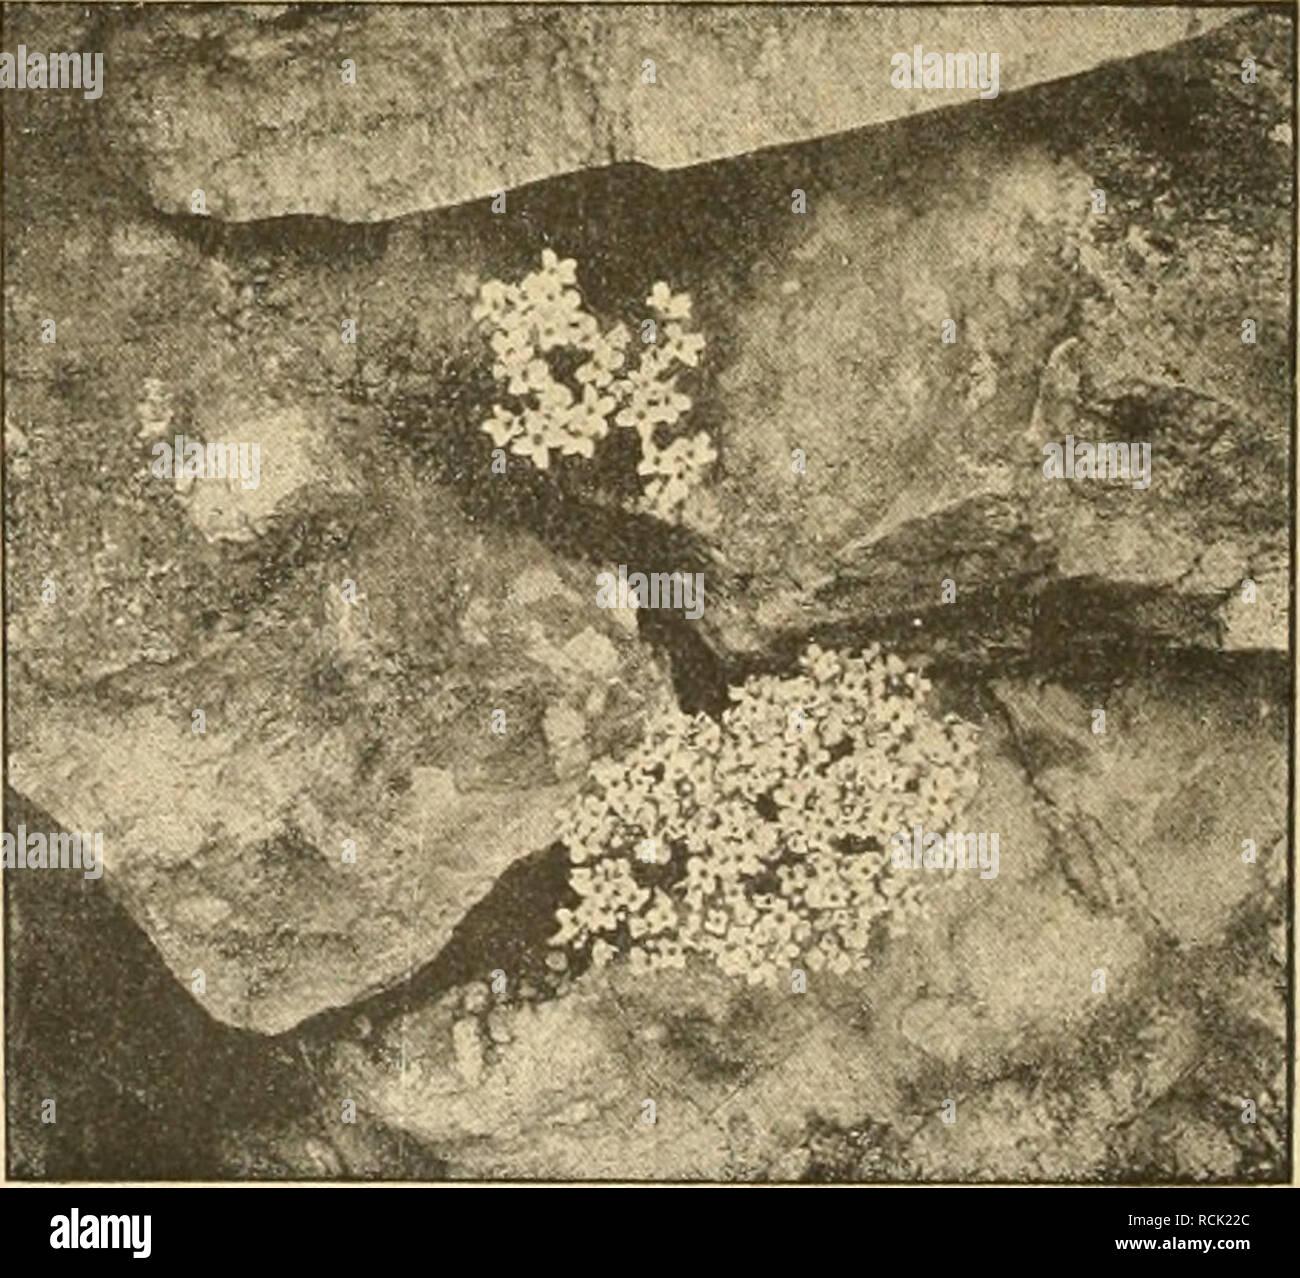 . Die Gartenwelt. Gardening. 42 Die G a r t e n w e 11. xxin, 6 Blumentreiberei. Lathyrus odoratus. Als vor mehreren Jahren die Schnitt- blumenkultur bei uns gröÃere Fortschritte machte, wurden die winterblühenden Lathyrus als sehr lohnend empfohlen. Landauf und landab ist aber im Winter fast in keiner Gärtnerei von diesen schönen Blüten etwas zu sehen. Nachdem die blassen, geruchlosen italienischen Blumen bei uns in Wegfall kamen, erfreuten sidi unsere selbstgezüchteten, mit Geholze. ^^' W,-^ ^ * ^/^^^â j. ^ . ^w% ^ Alyssum pyrenaicum. ihren frischen Farben und ihrem Wohlgeruch immer gr Stock Photo